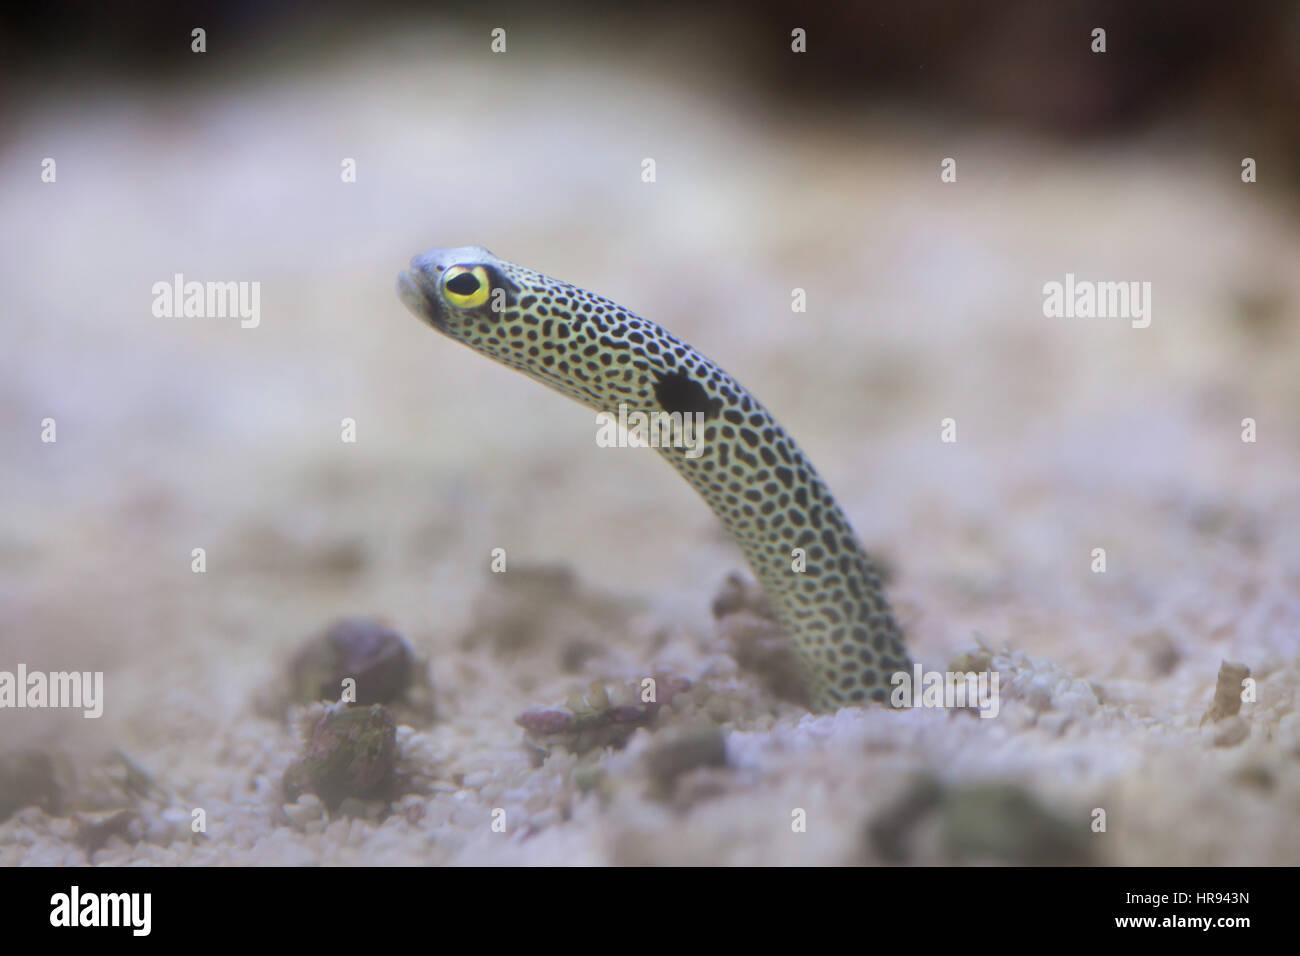 Spotted garden eel (Heteroconger hassi). Stock Photo